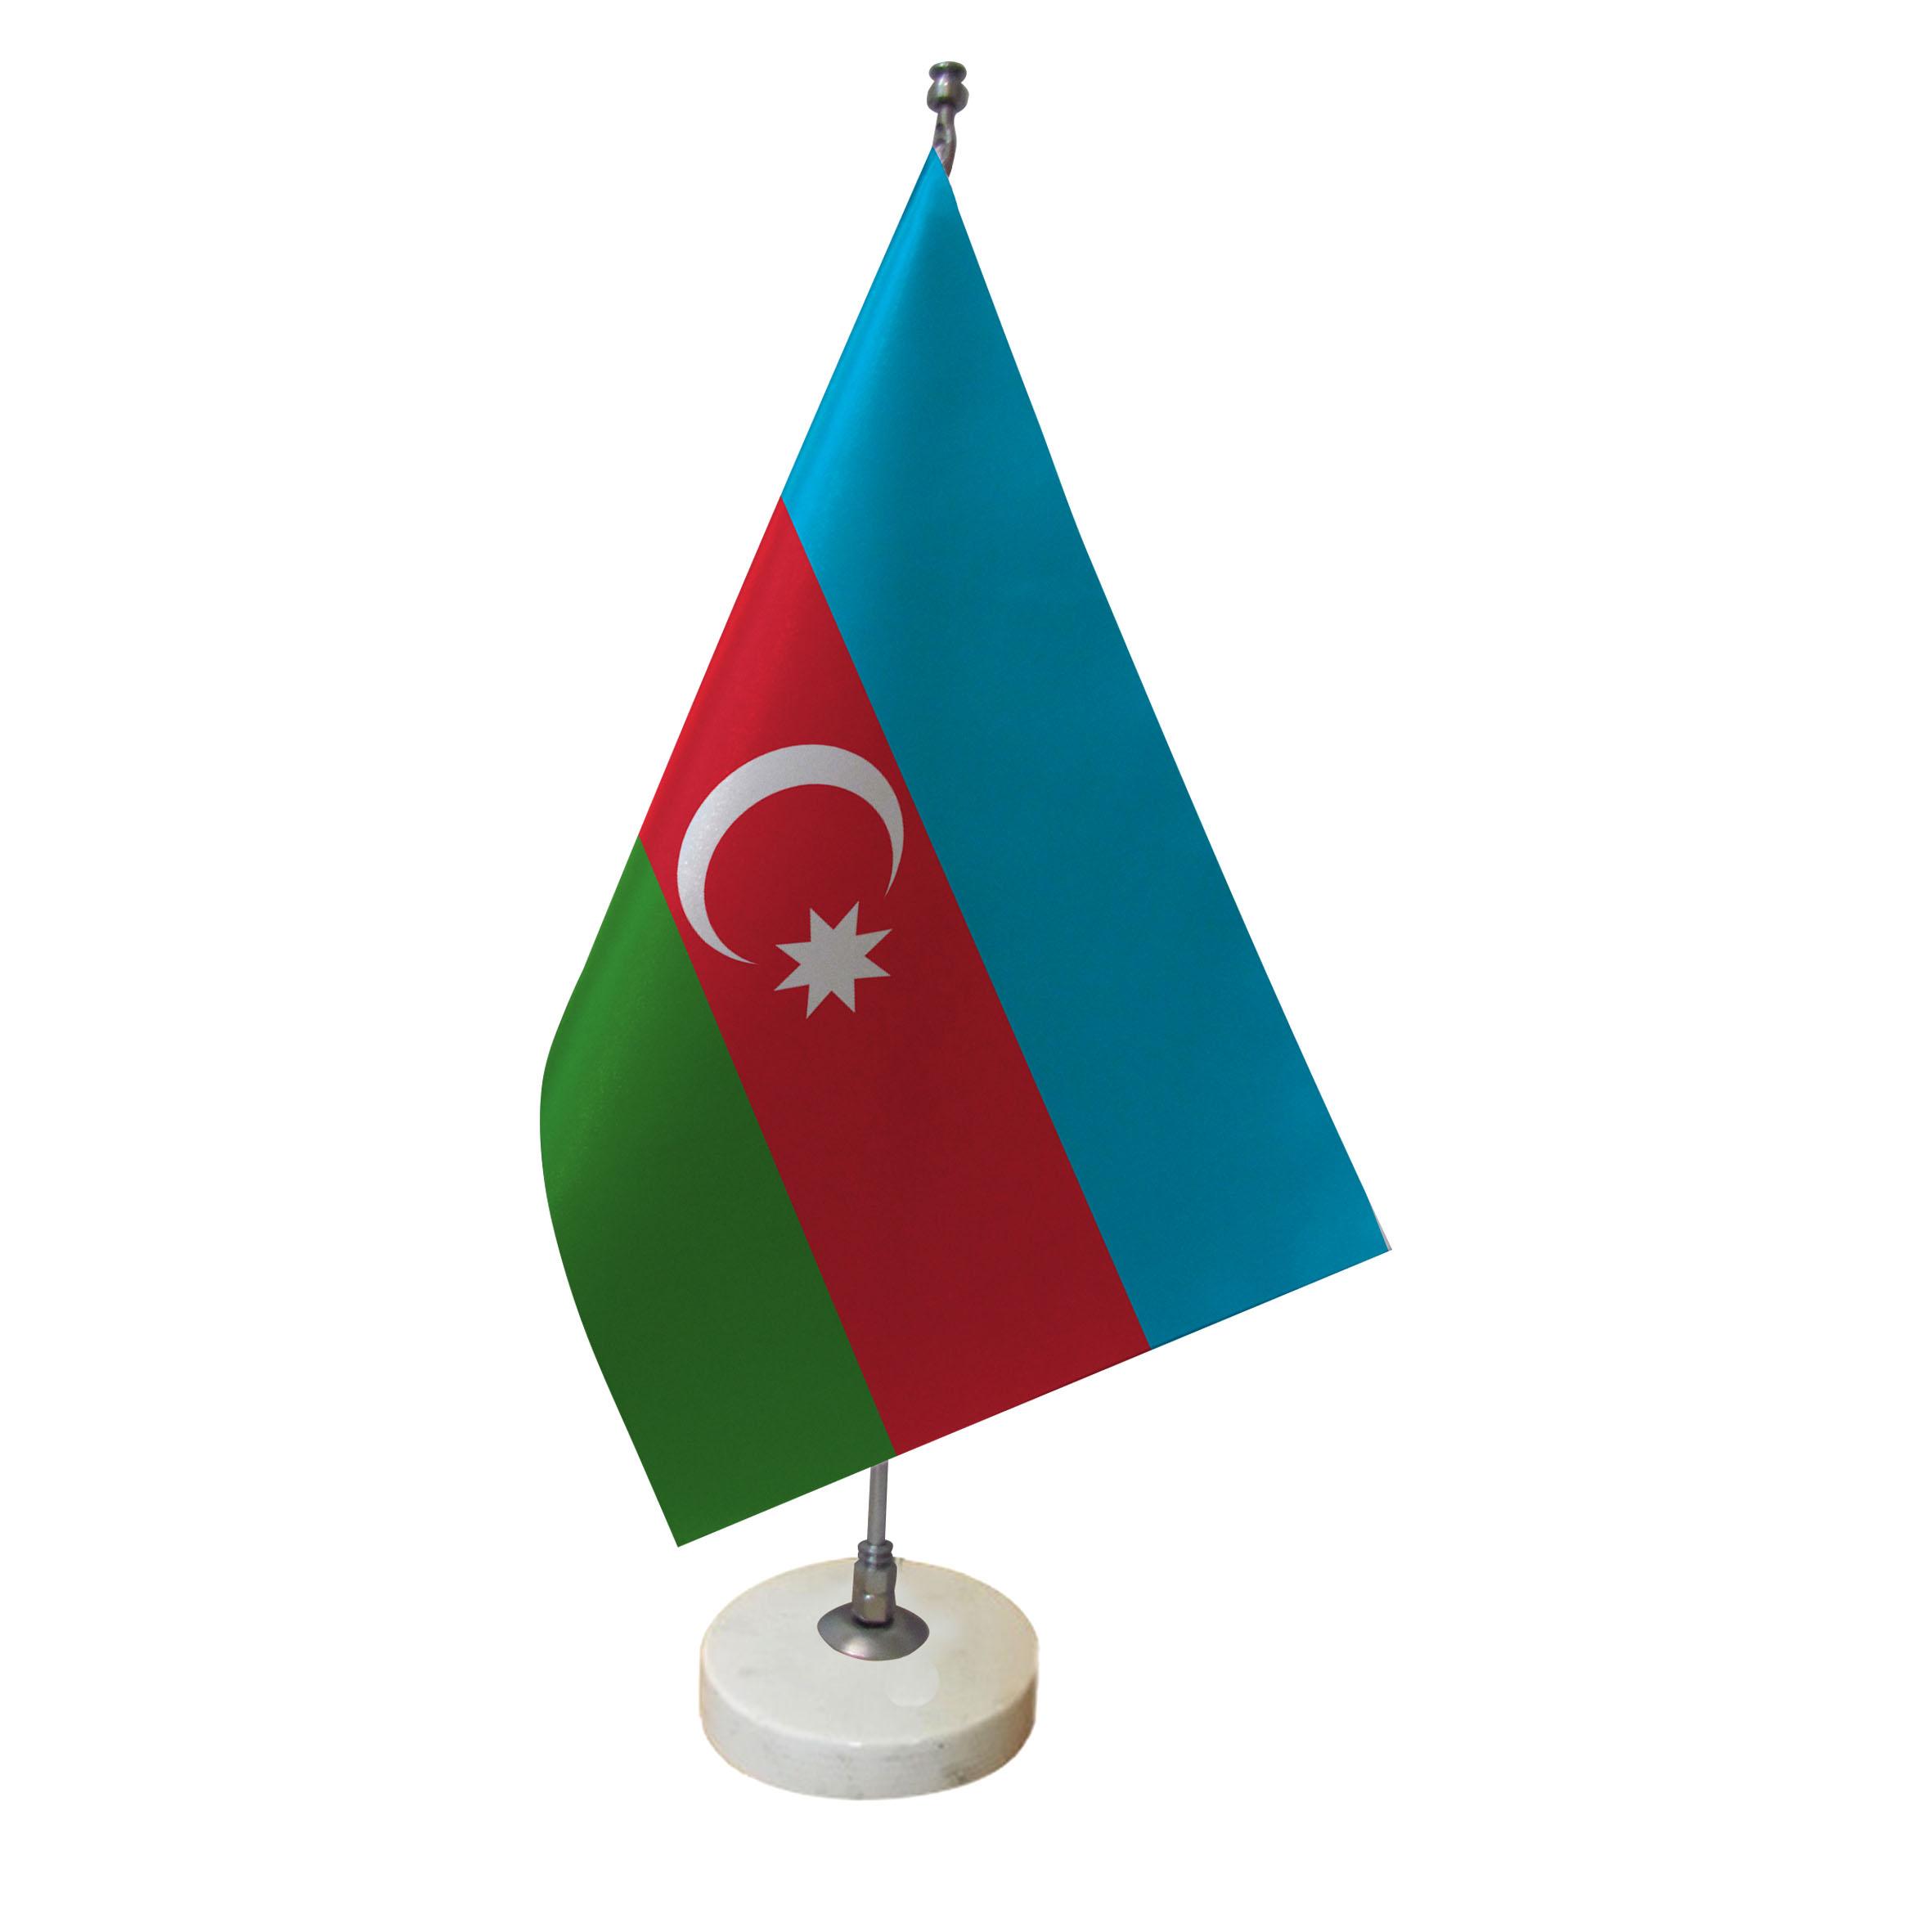 پرچم رومیزی طرح پرچم آذربایجان کد pr8